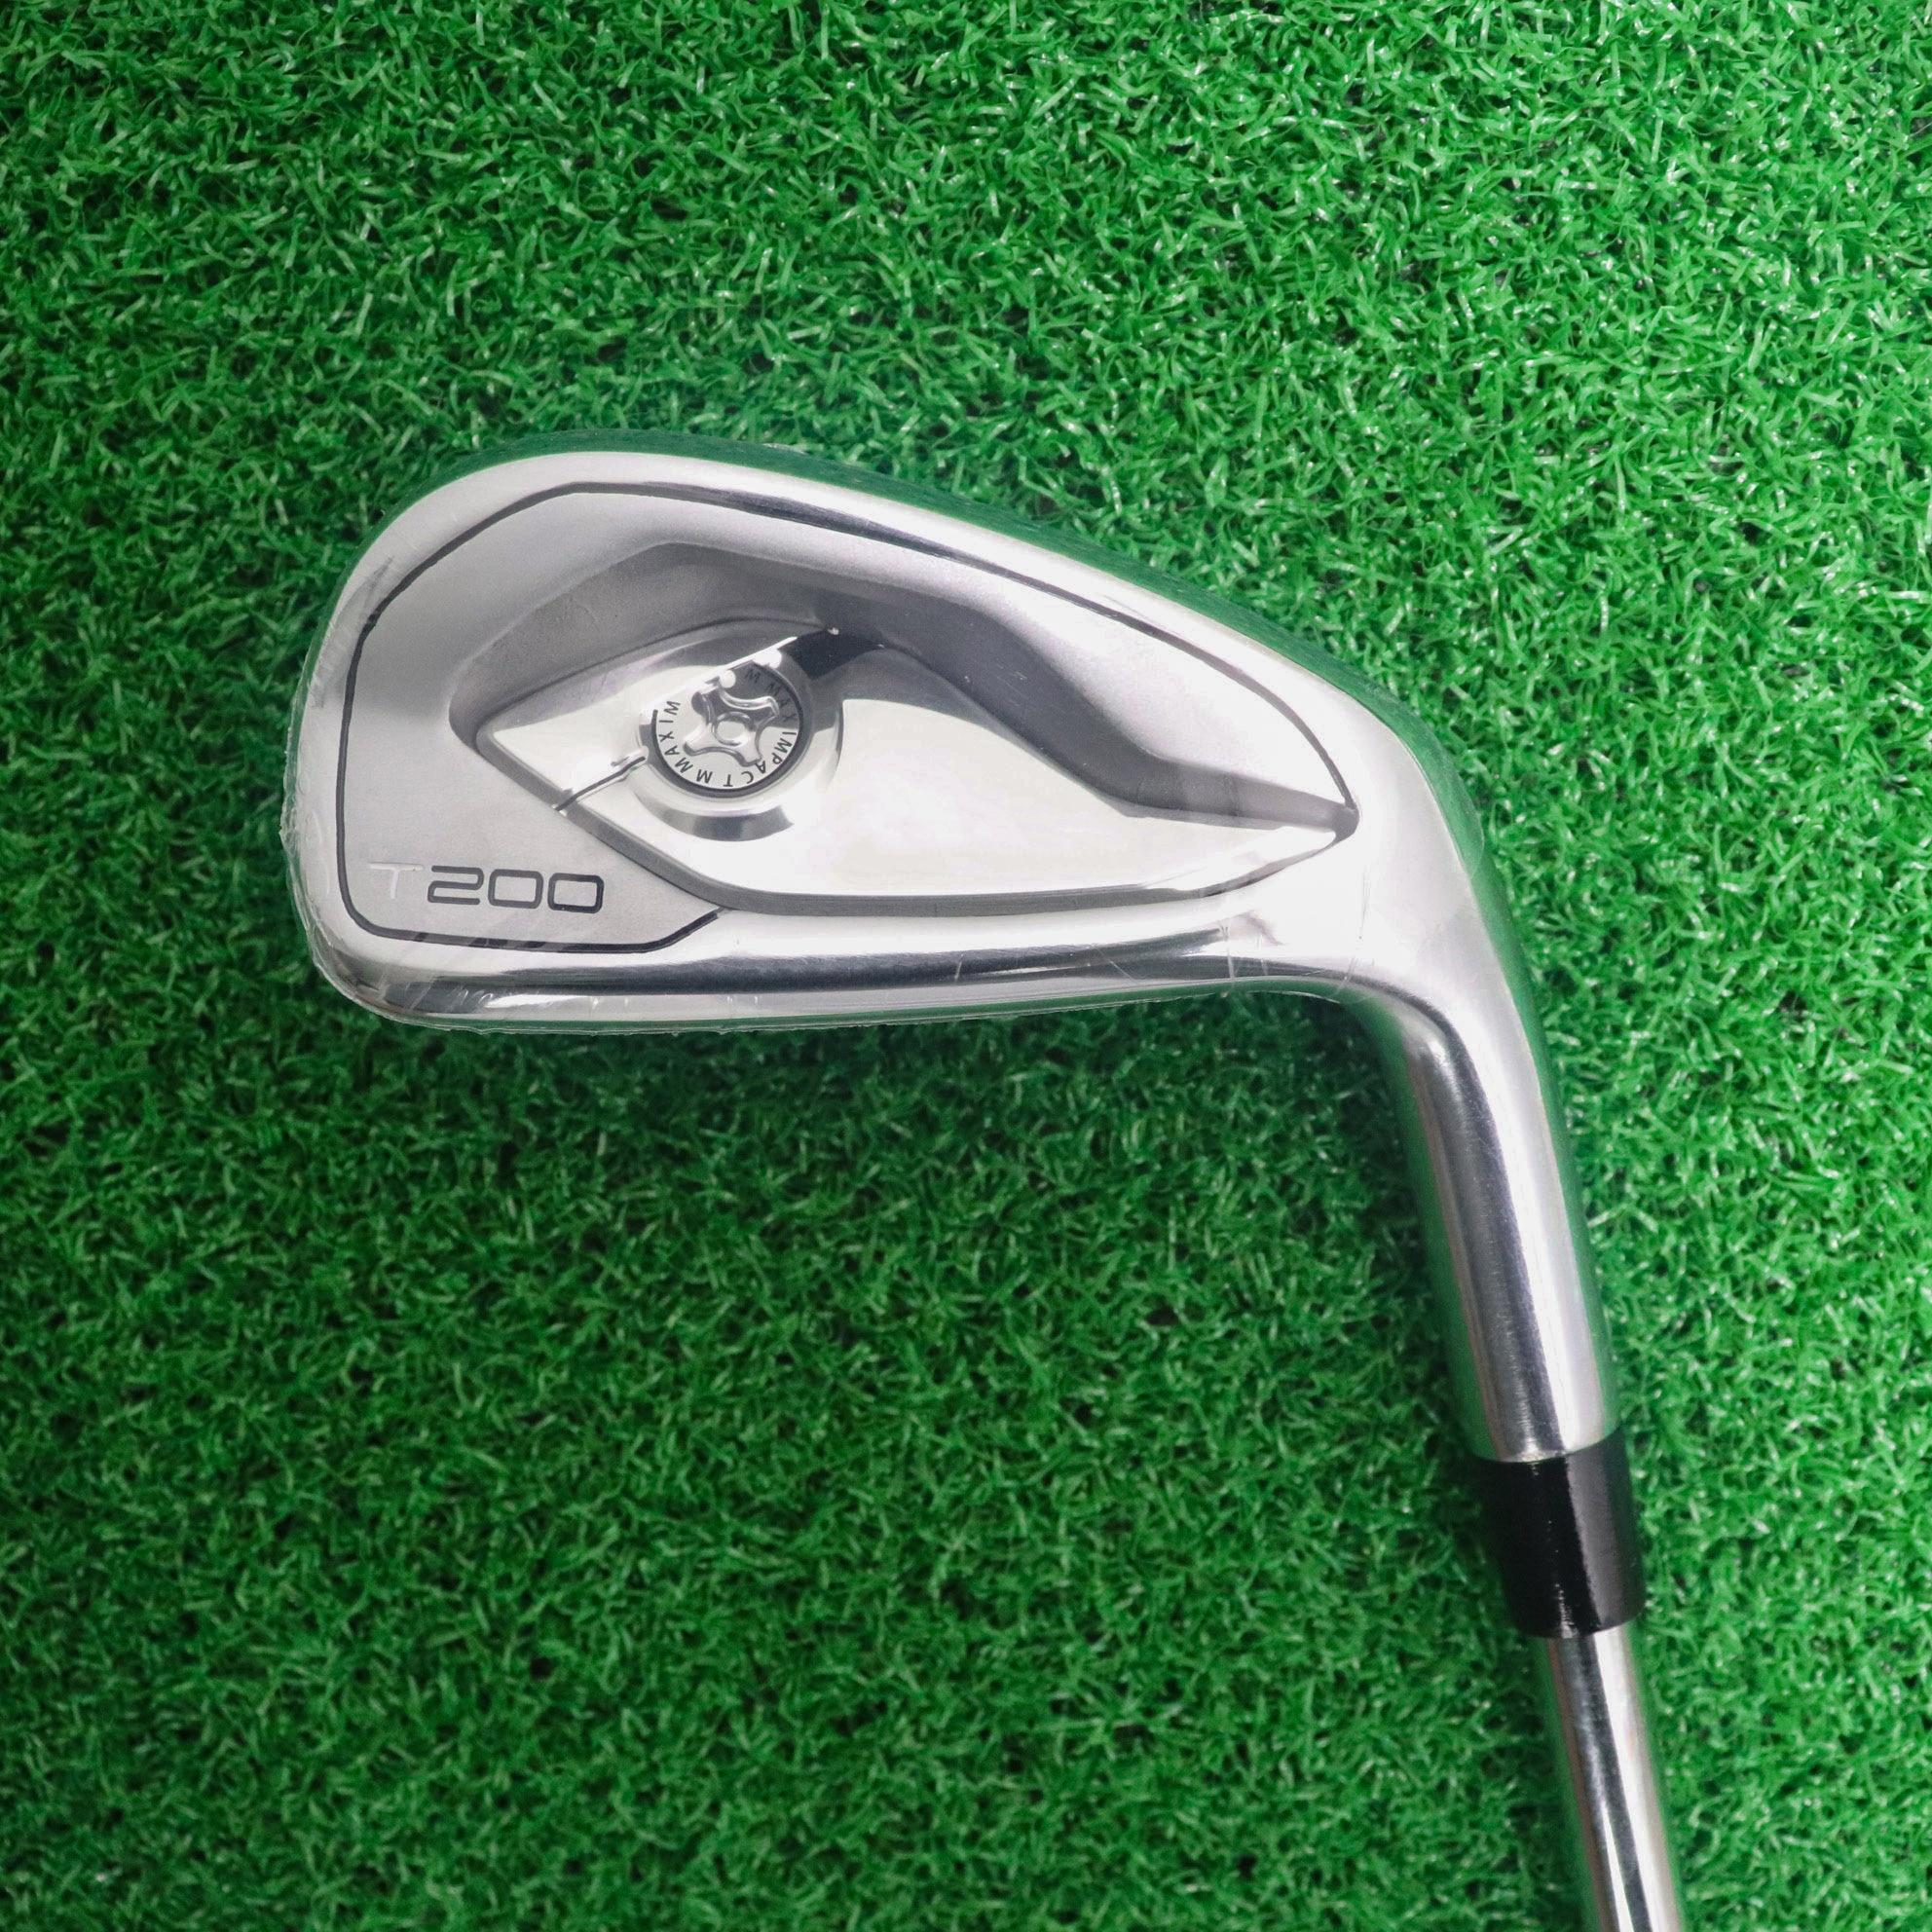 New golf club T200 iron T200 golf club set 4-9P/48 R/S Flex T200 Golf Clubs (8PCS) R/S Flex Steel Shaft With Head